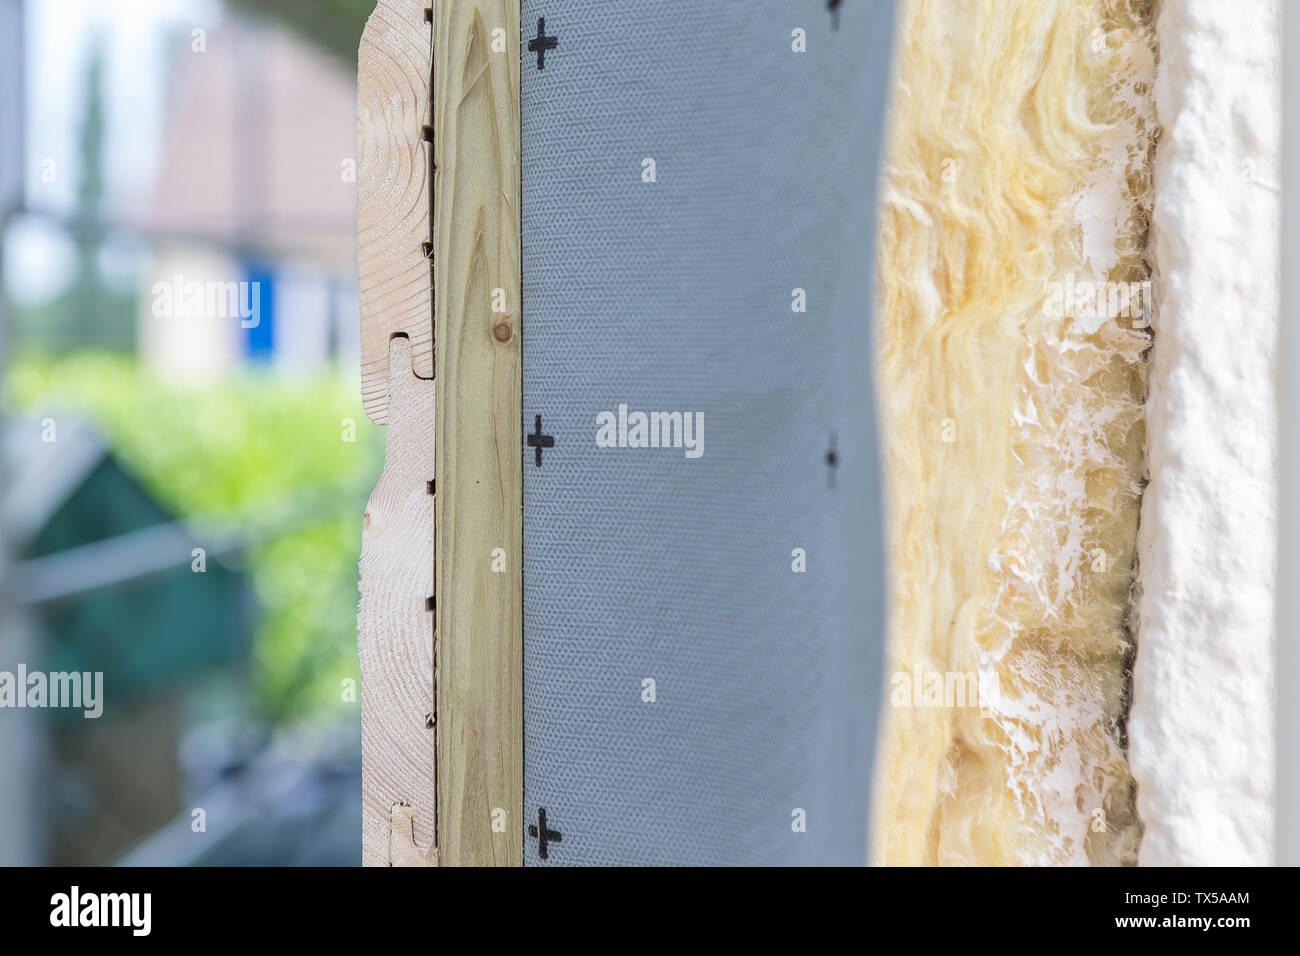 Seitenansicht Haus und Isolierung detail. Gebäude Isolierung außen an Gebäuden für Komfort und Energieeffizienz hinzugefügt Stockbild